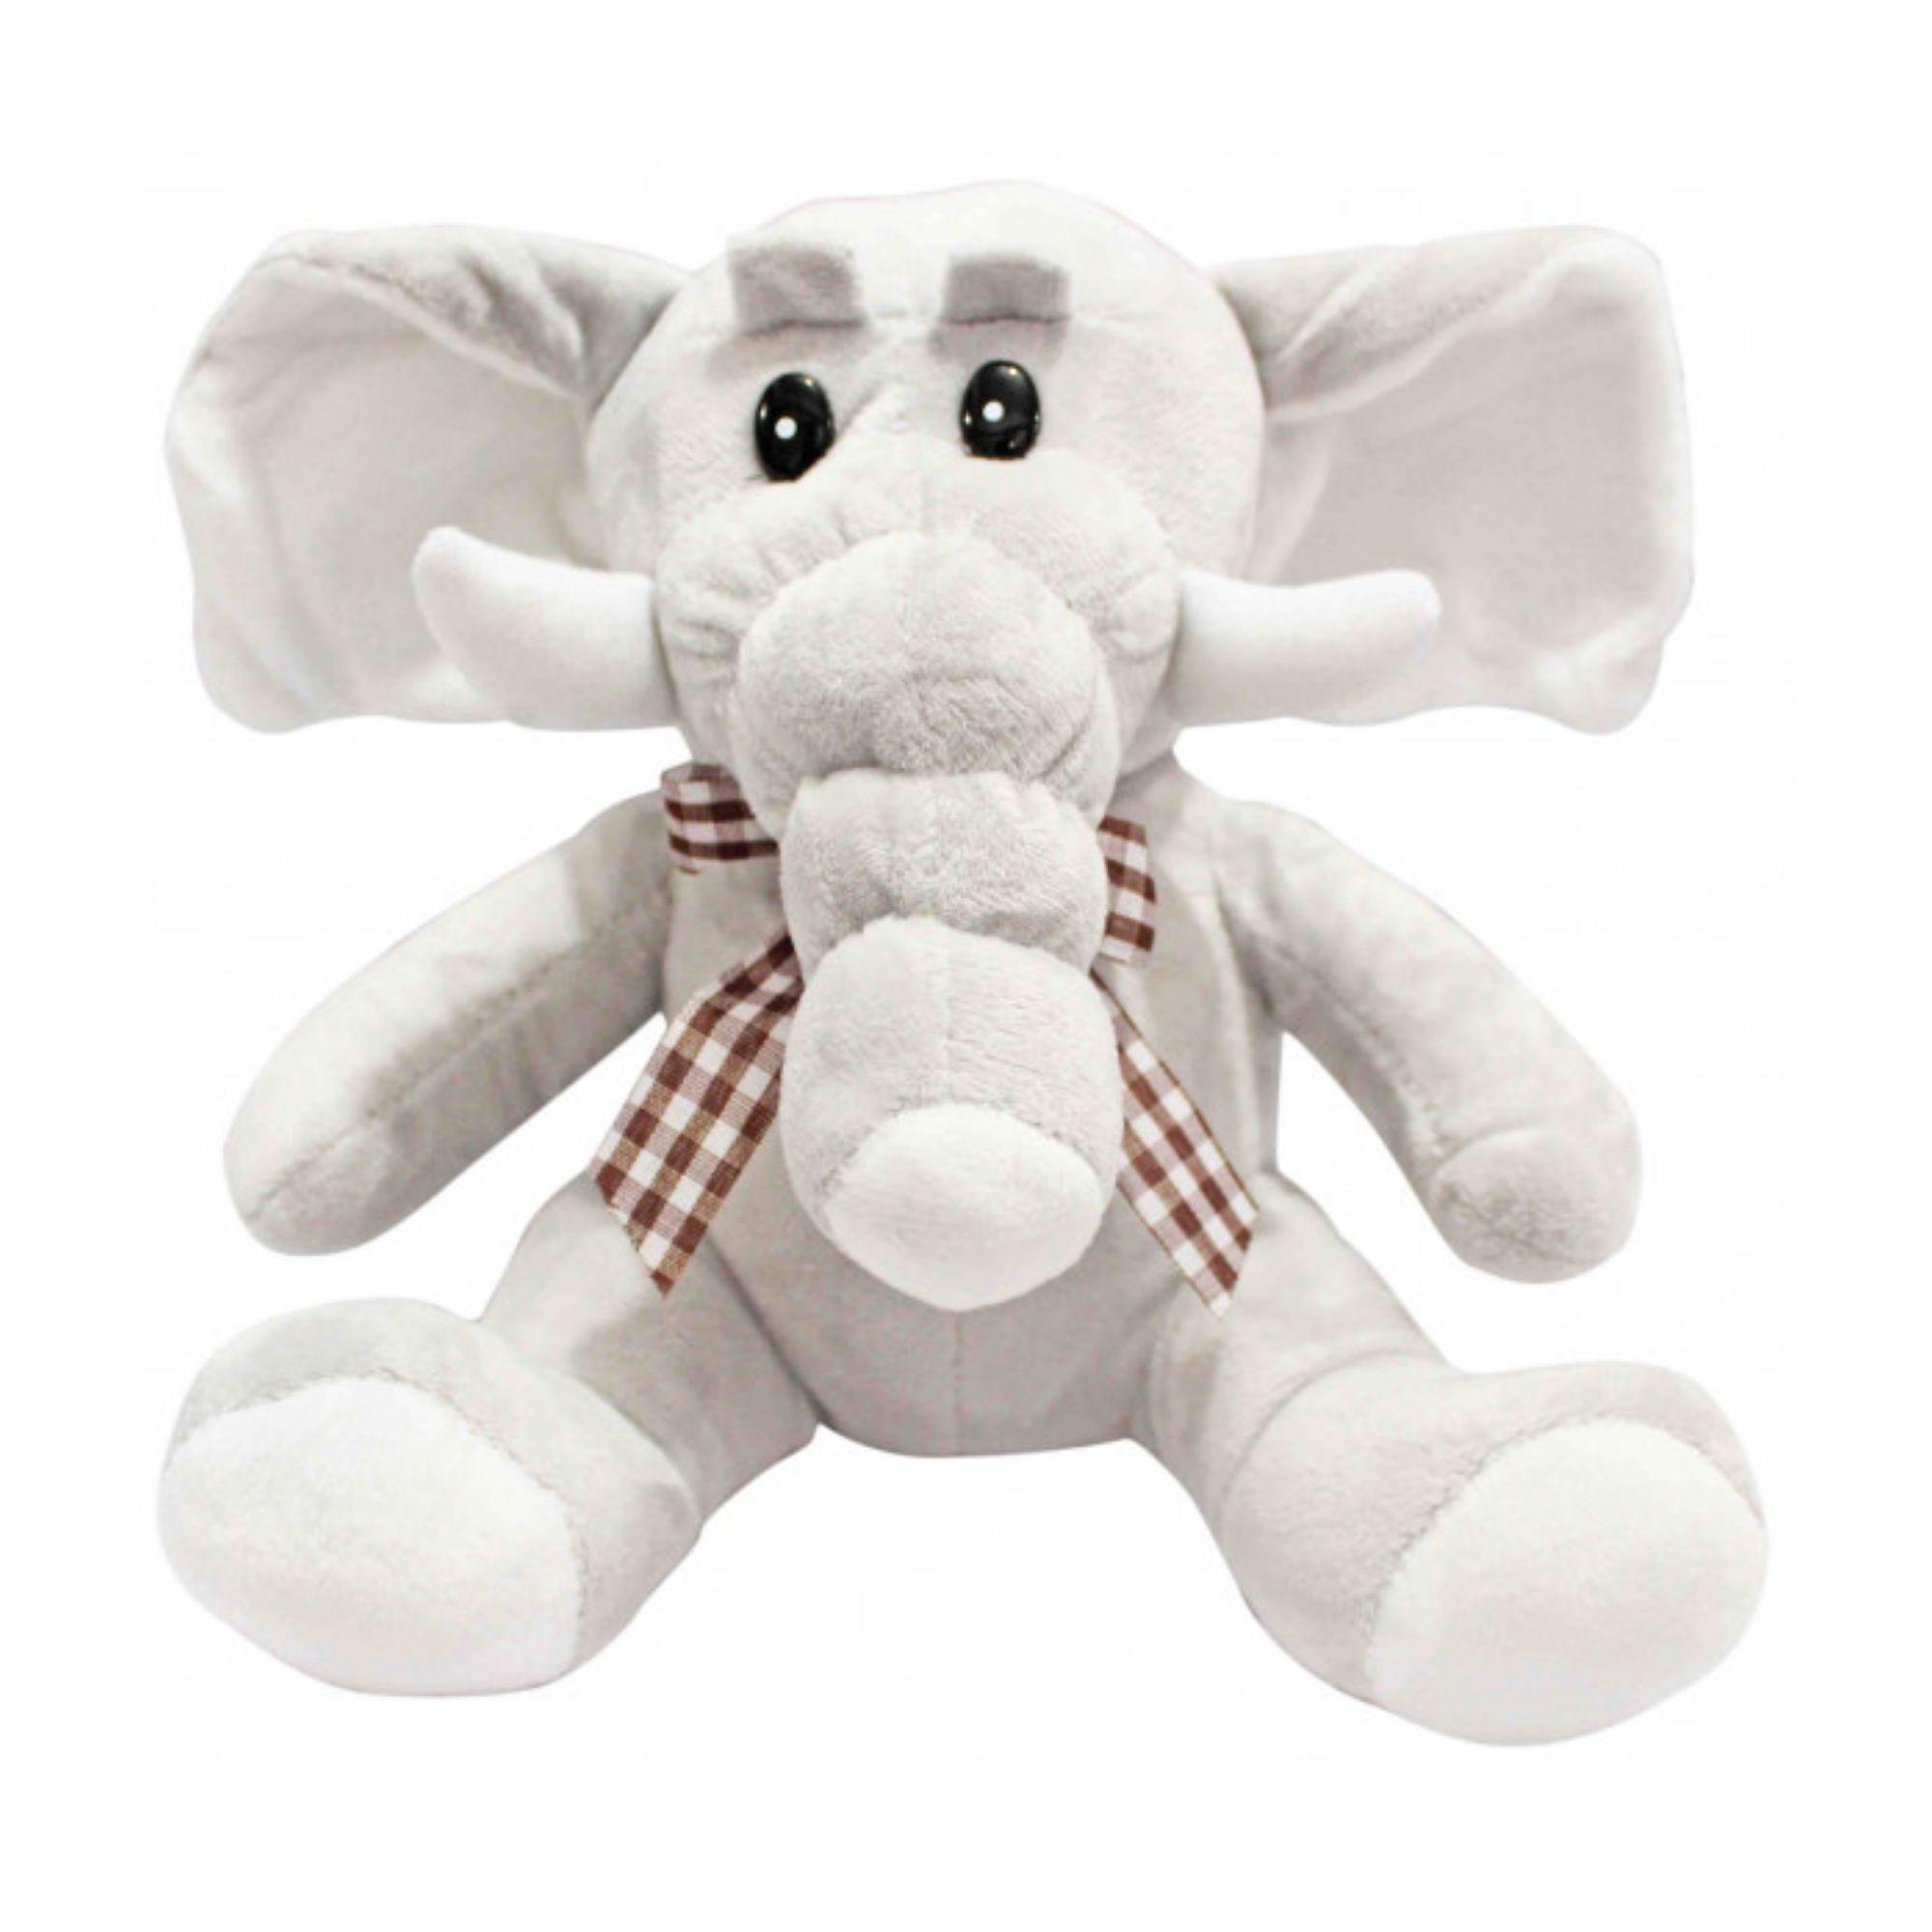 Elefante de Pelucia Fofo Antialérgico  - Game Land Brinquedos